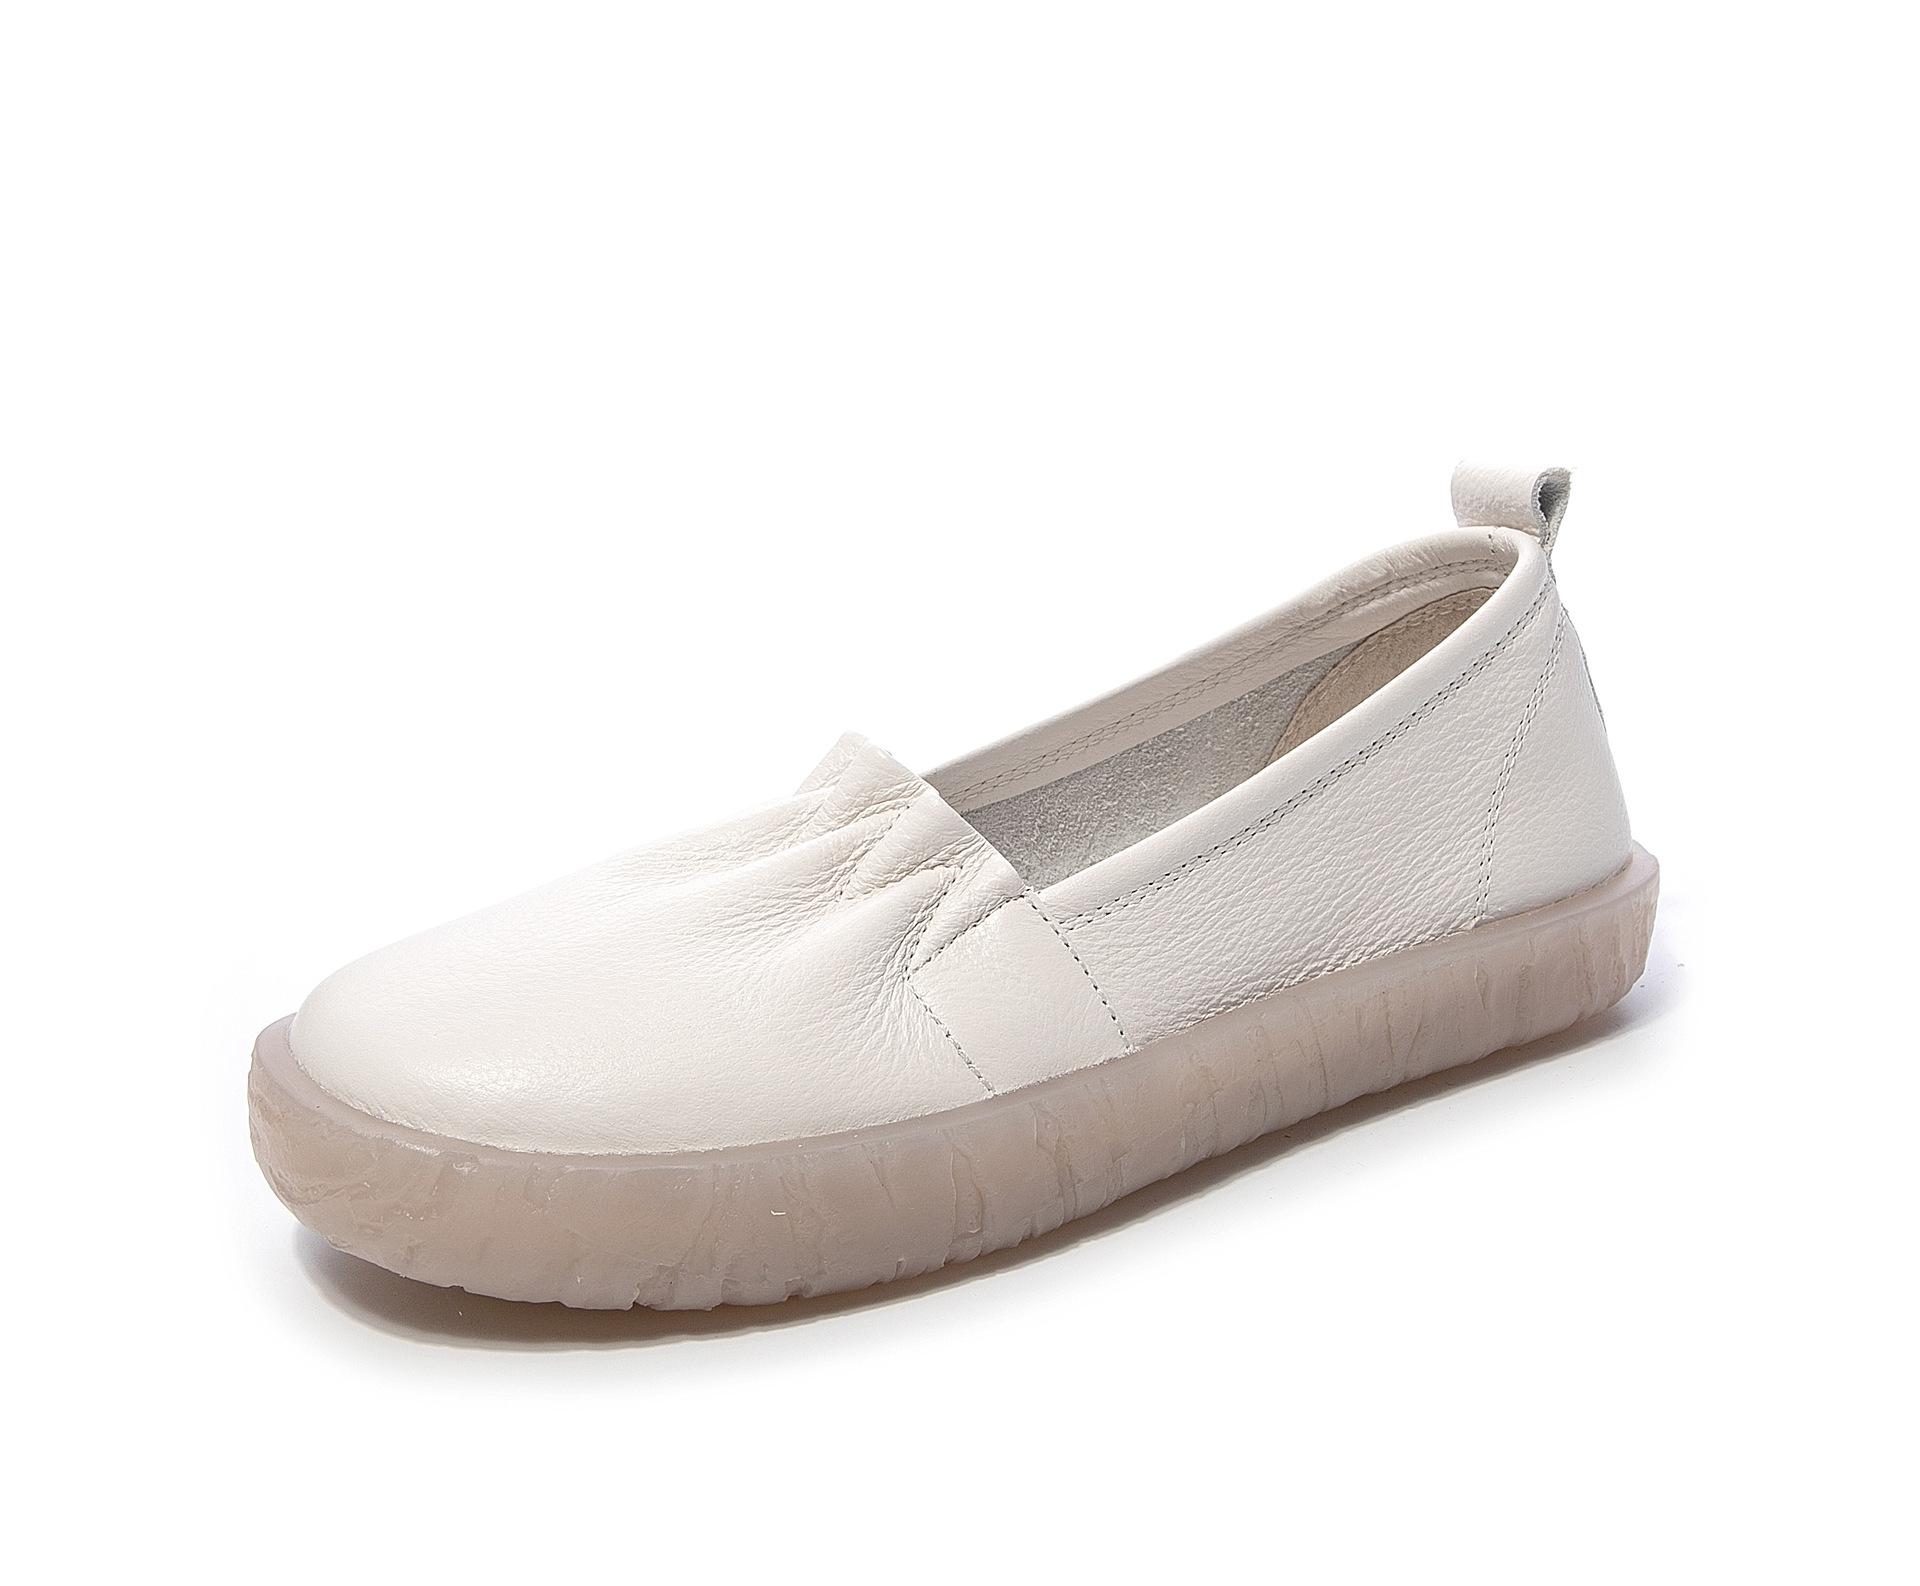 Giày da mềm đế bệt chống trượt dành cho phụ nữ